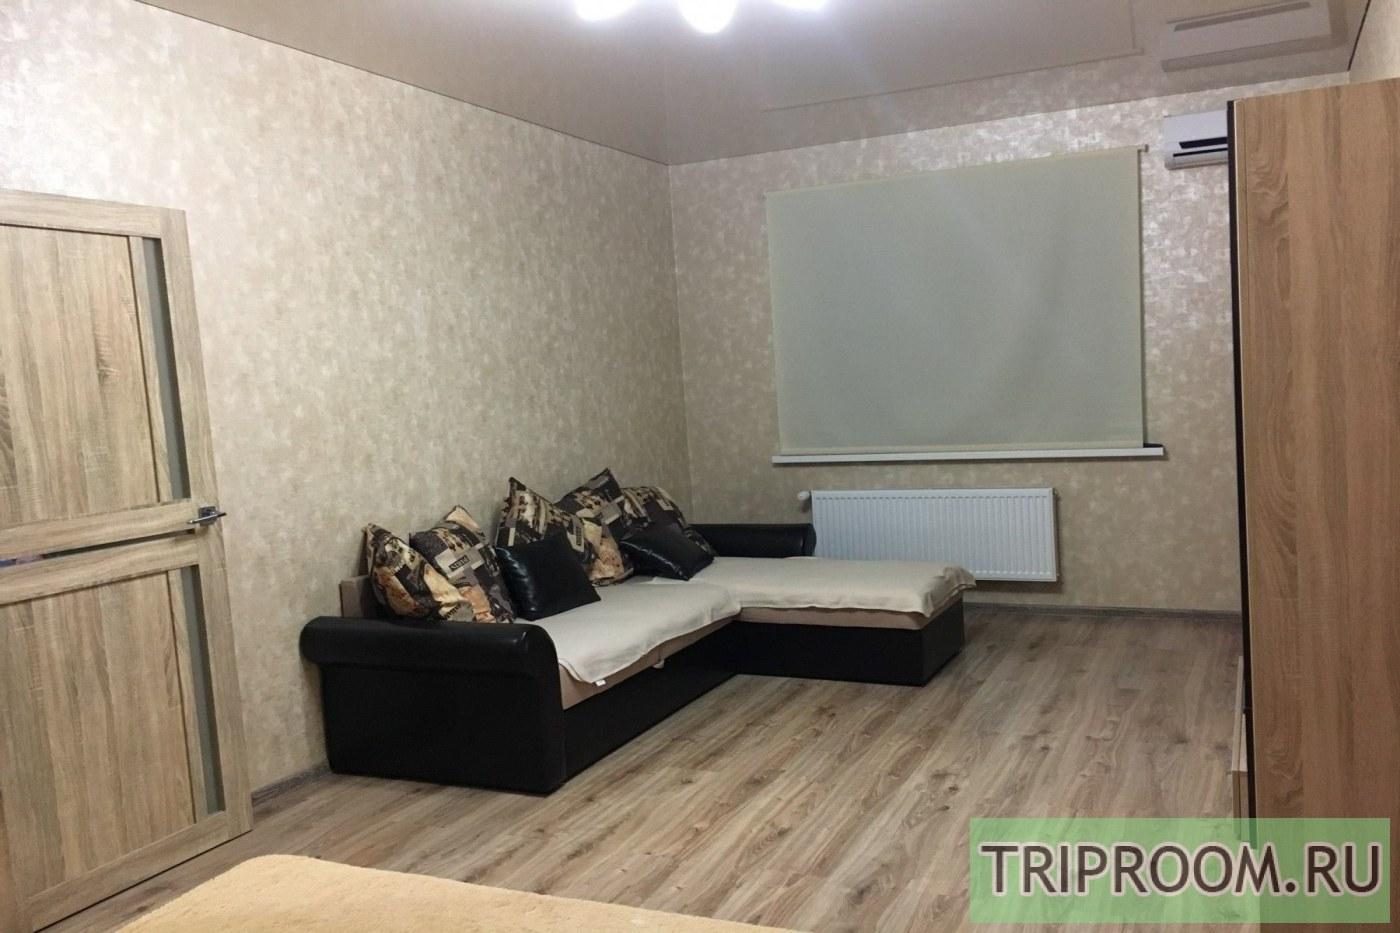 1-комнатная квартира посуточно (вариант № 37485), ул. Восточно-Кругликовская улица, фото № 9